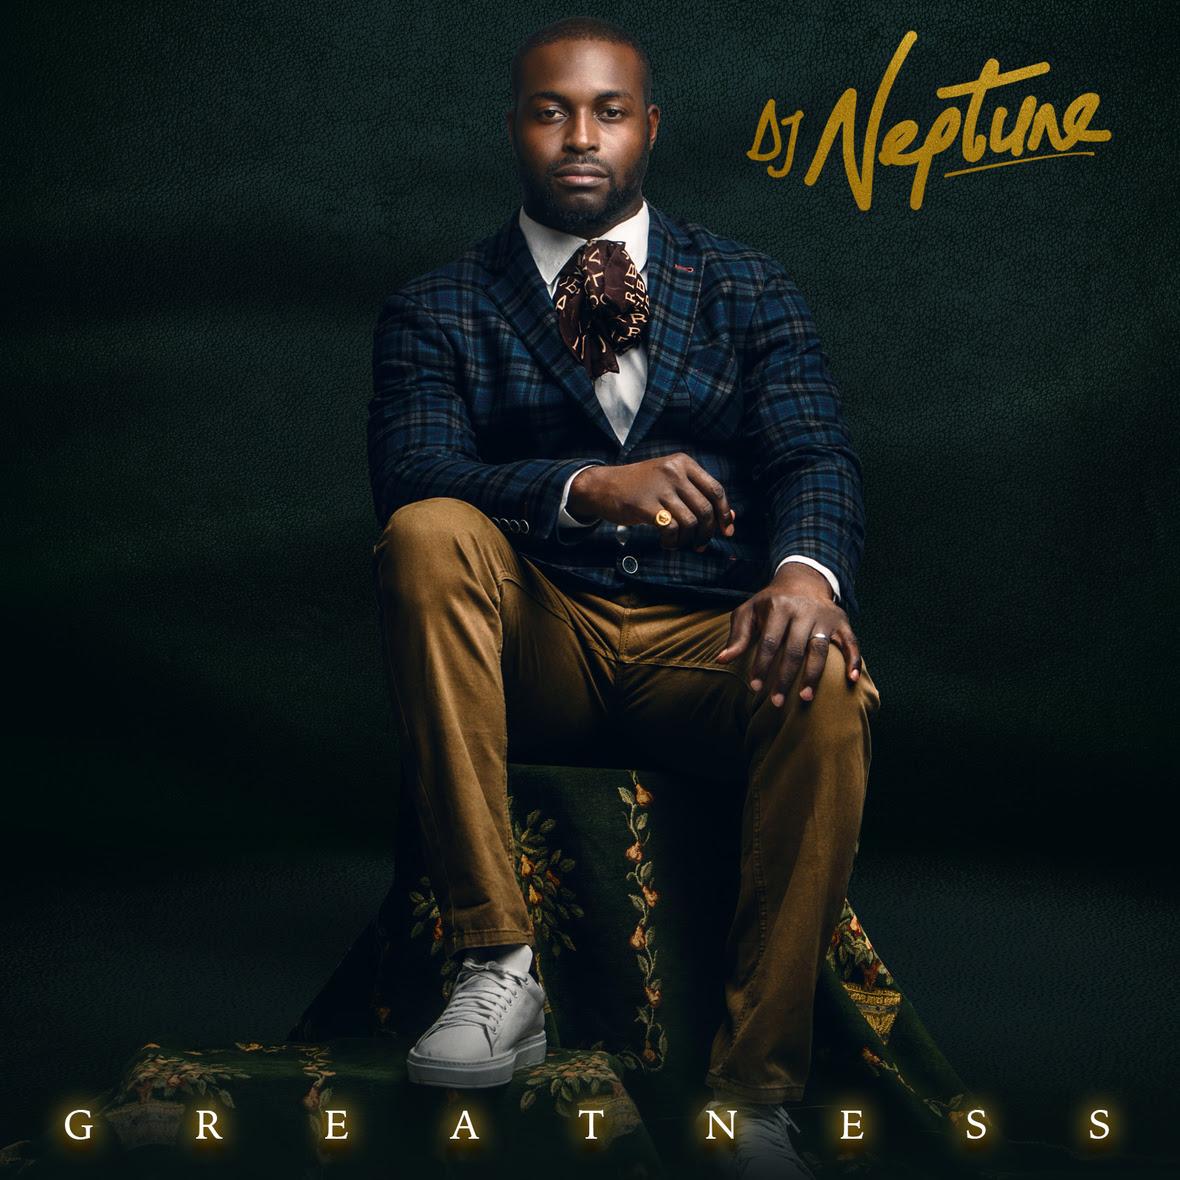 DJ Neptune releases Artwork & Tracklist for Forthcoming Album